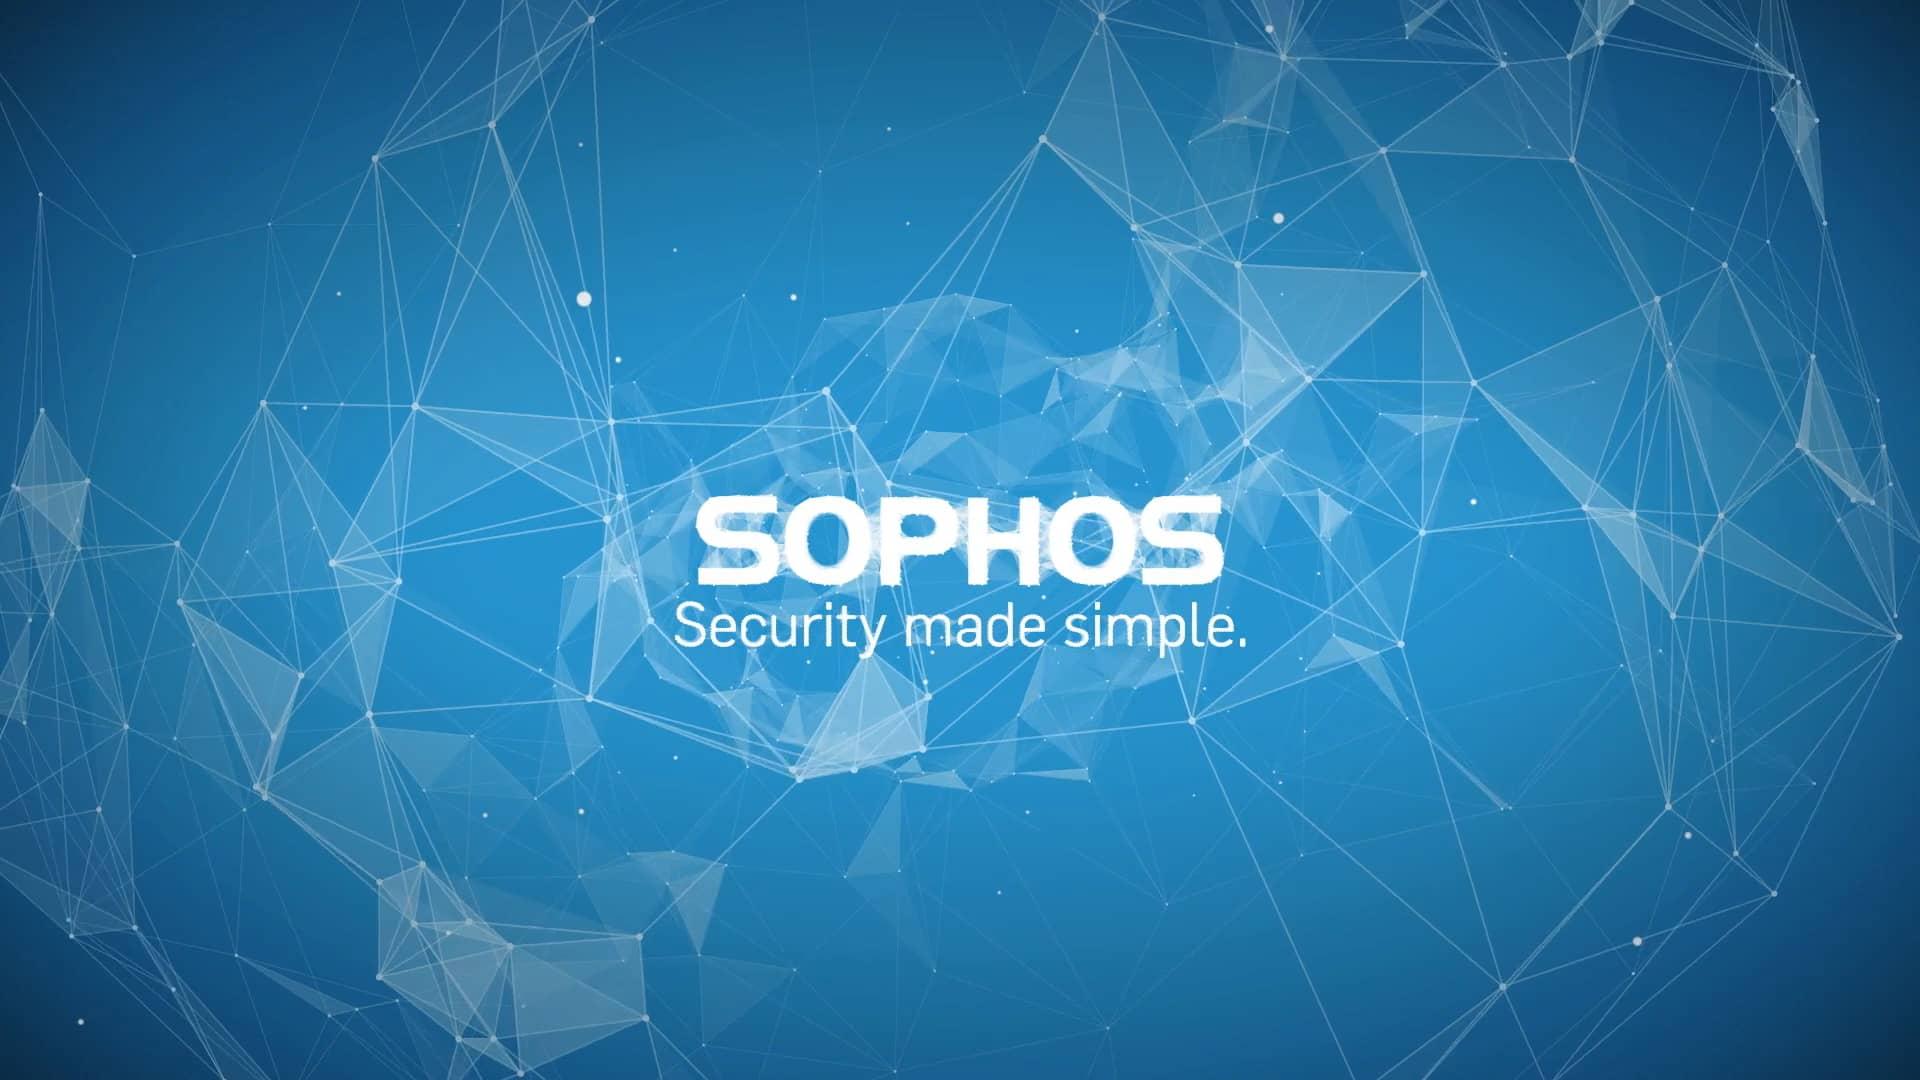 Sophos je leader v oblasti Endpoint Protection po jedenácté v řadě!